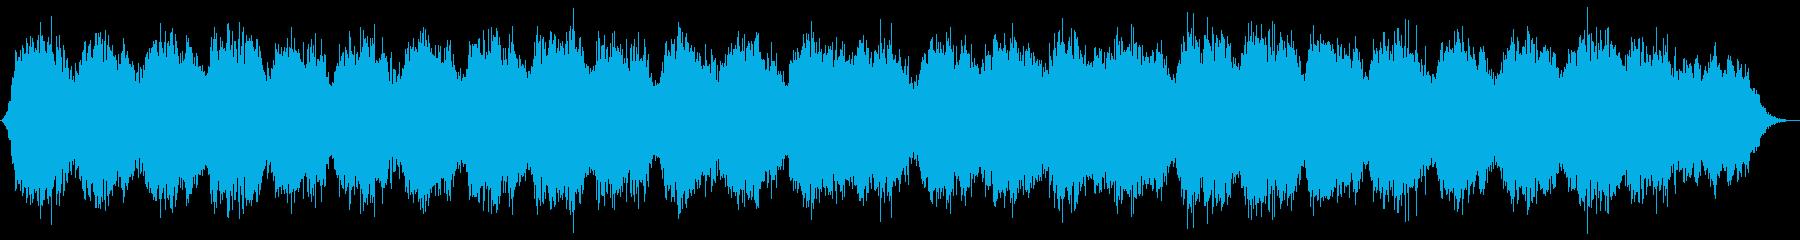 幻想的なシンセのヒーリングミュージックの再生済みの波形